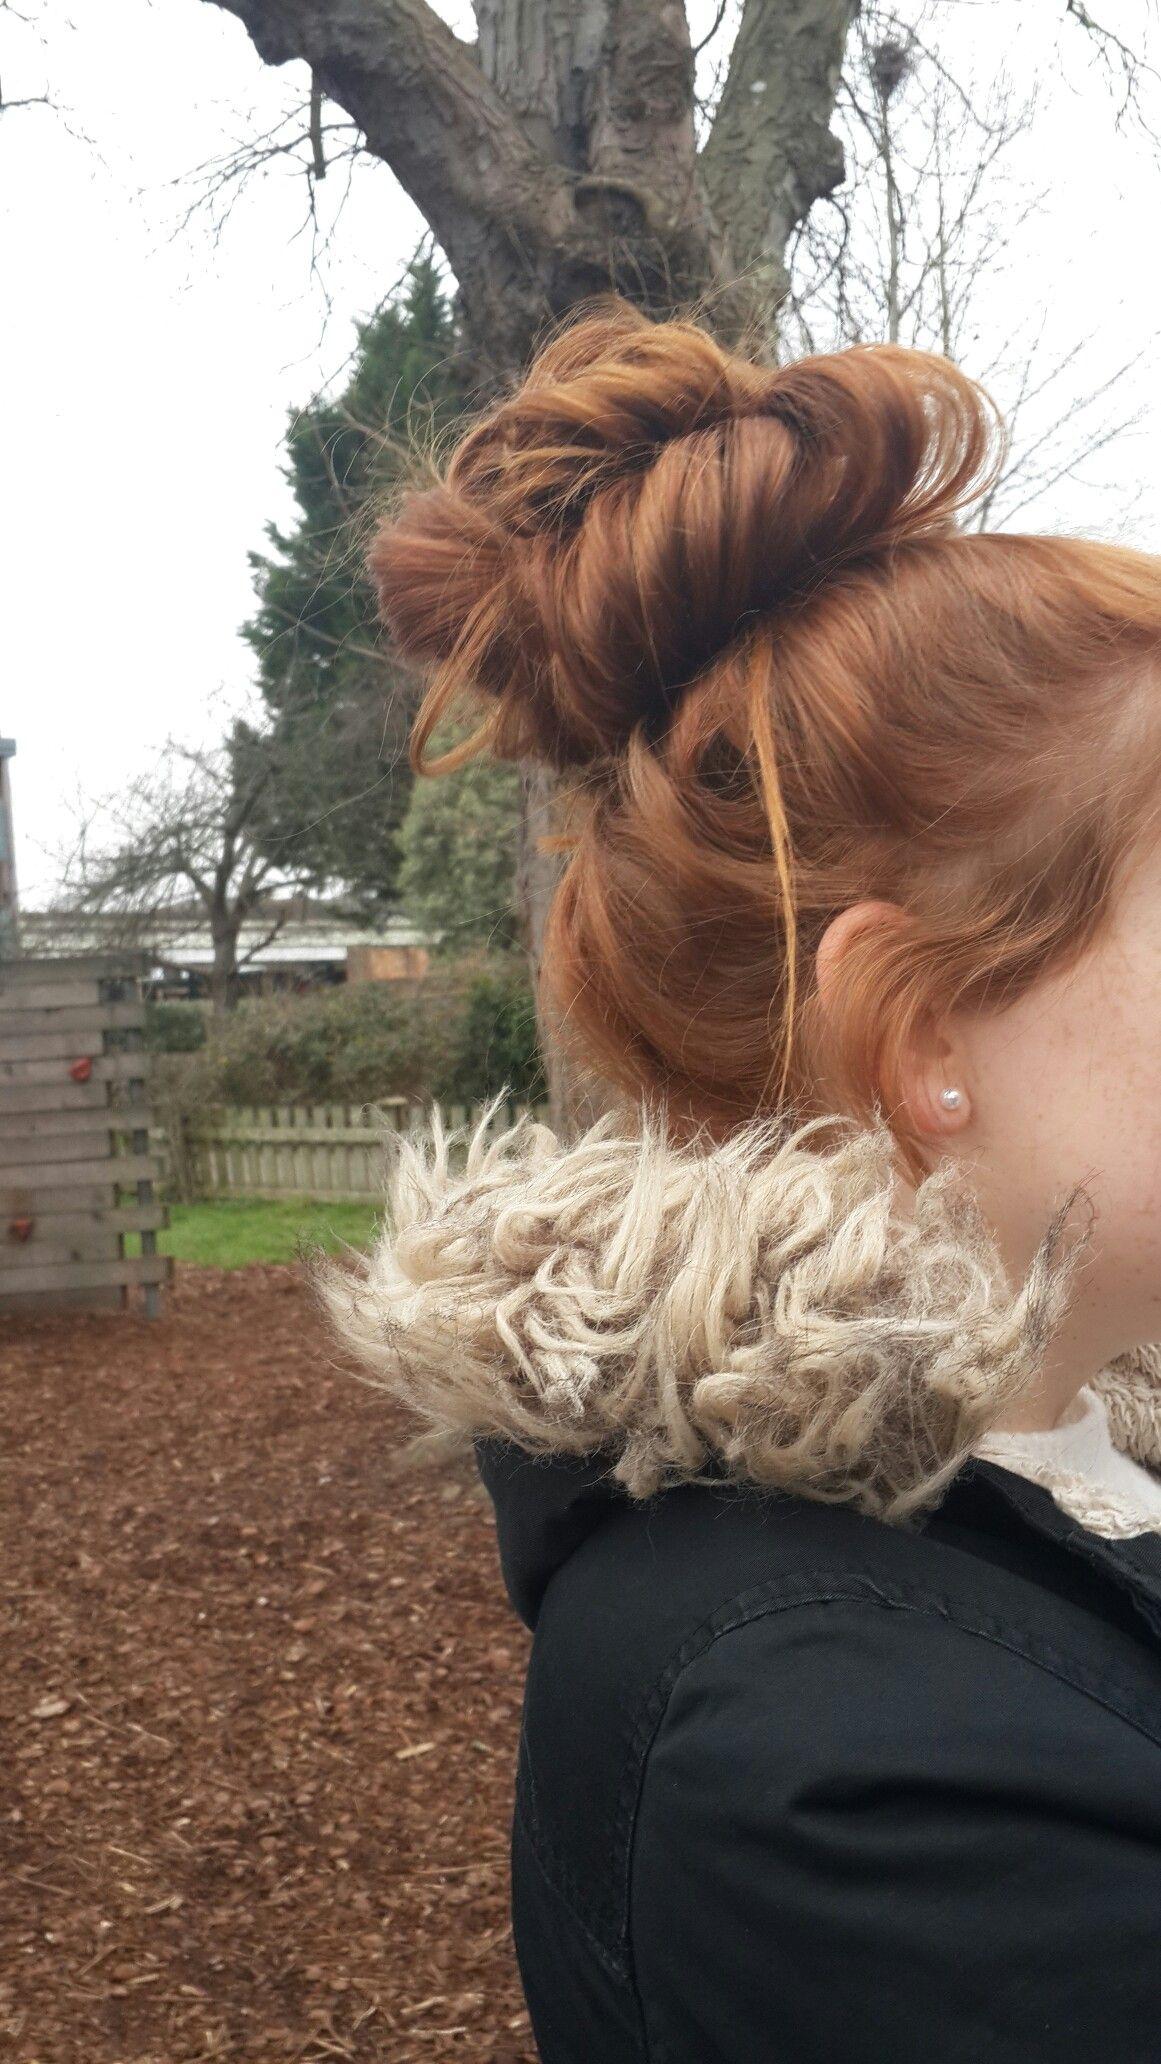 Ginger Hair Cute Bun Messy Bun Tumblr Cute Messy Hairstyles Messy Hairstyles Ginger Hair